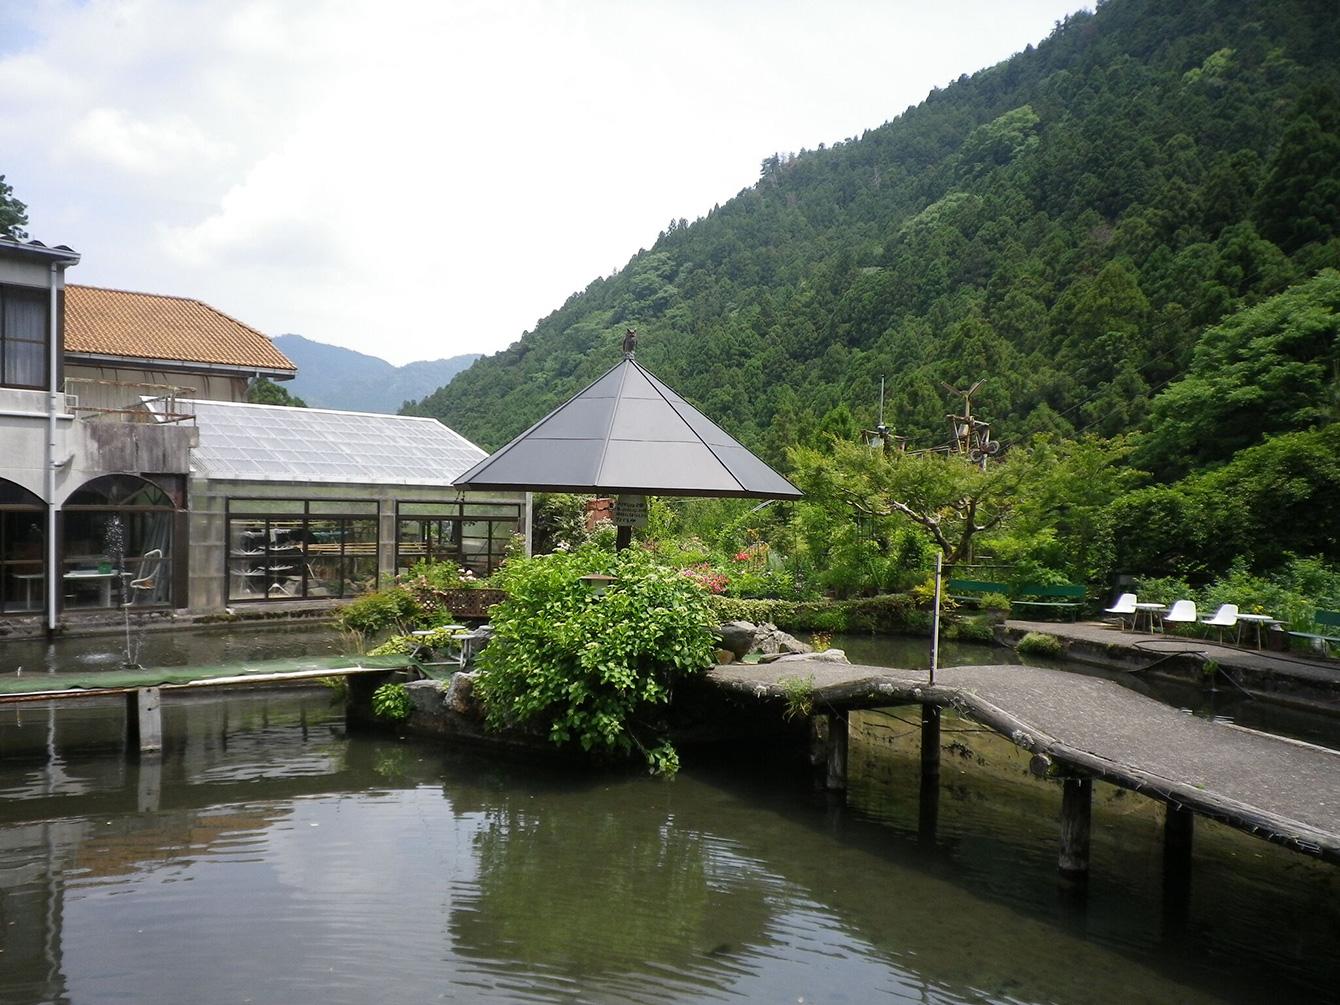 神山塾では、最初の1か月はスキーランドホテルで共同生活をする。みんなの心のふるさと的場所であり、私のオアシス。